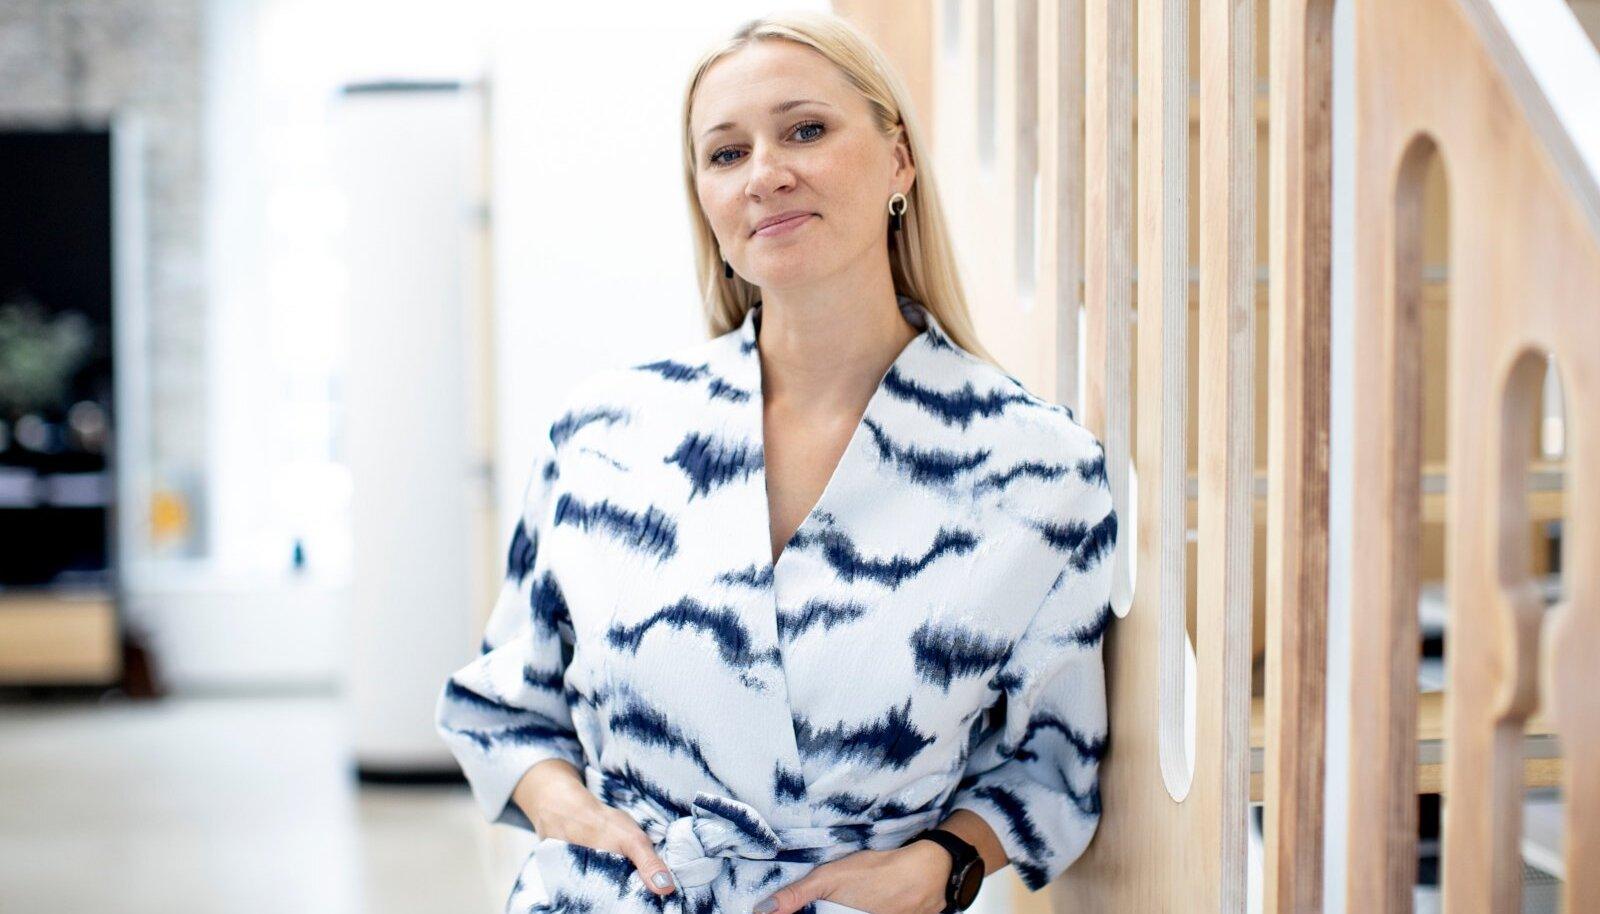 Certificu tegevjuhi ja kaasasutaja Liis Naruski sõnul on nad viimase paari kuu jooksul aidanud Eesti ettevõtetel turvaliselt suvepäevi korraldada. Päringute arv järjest kasvab.